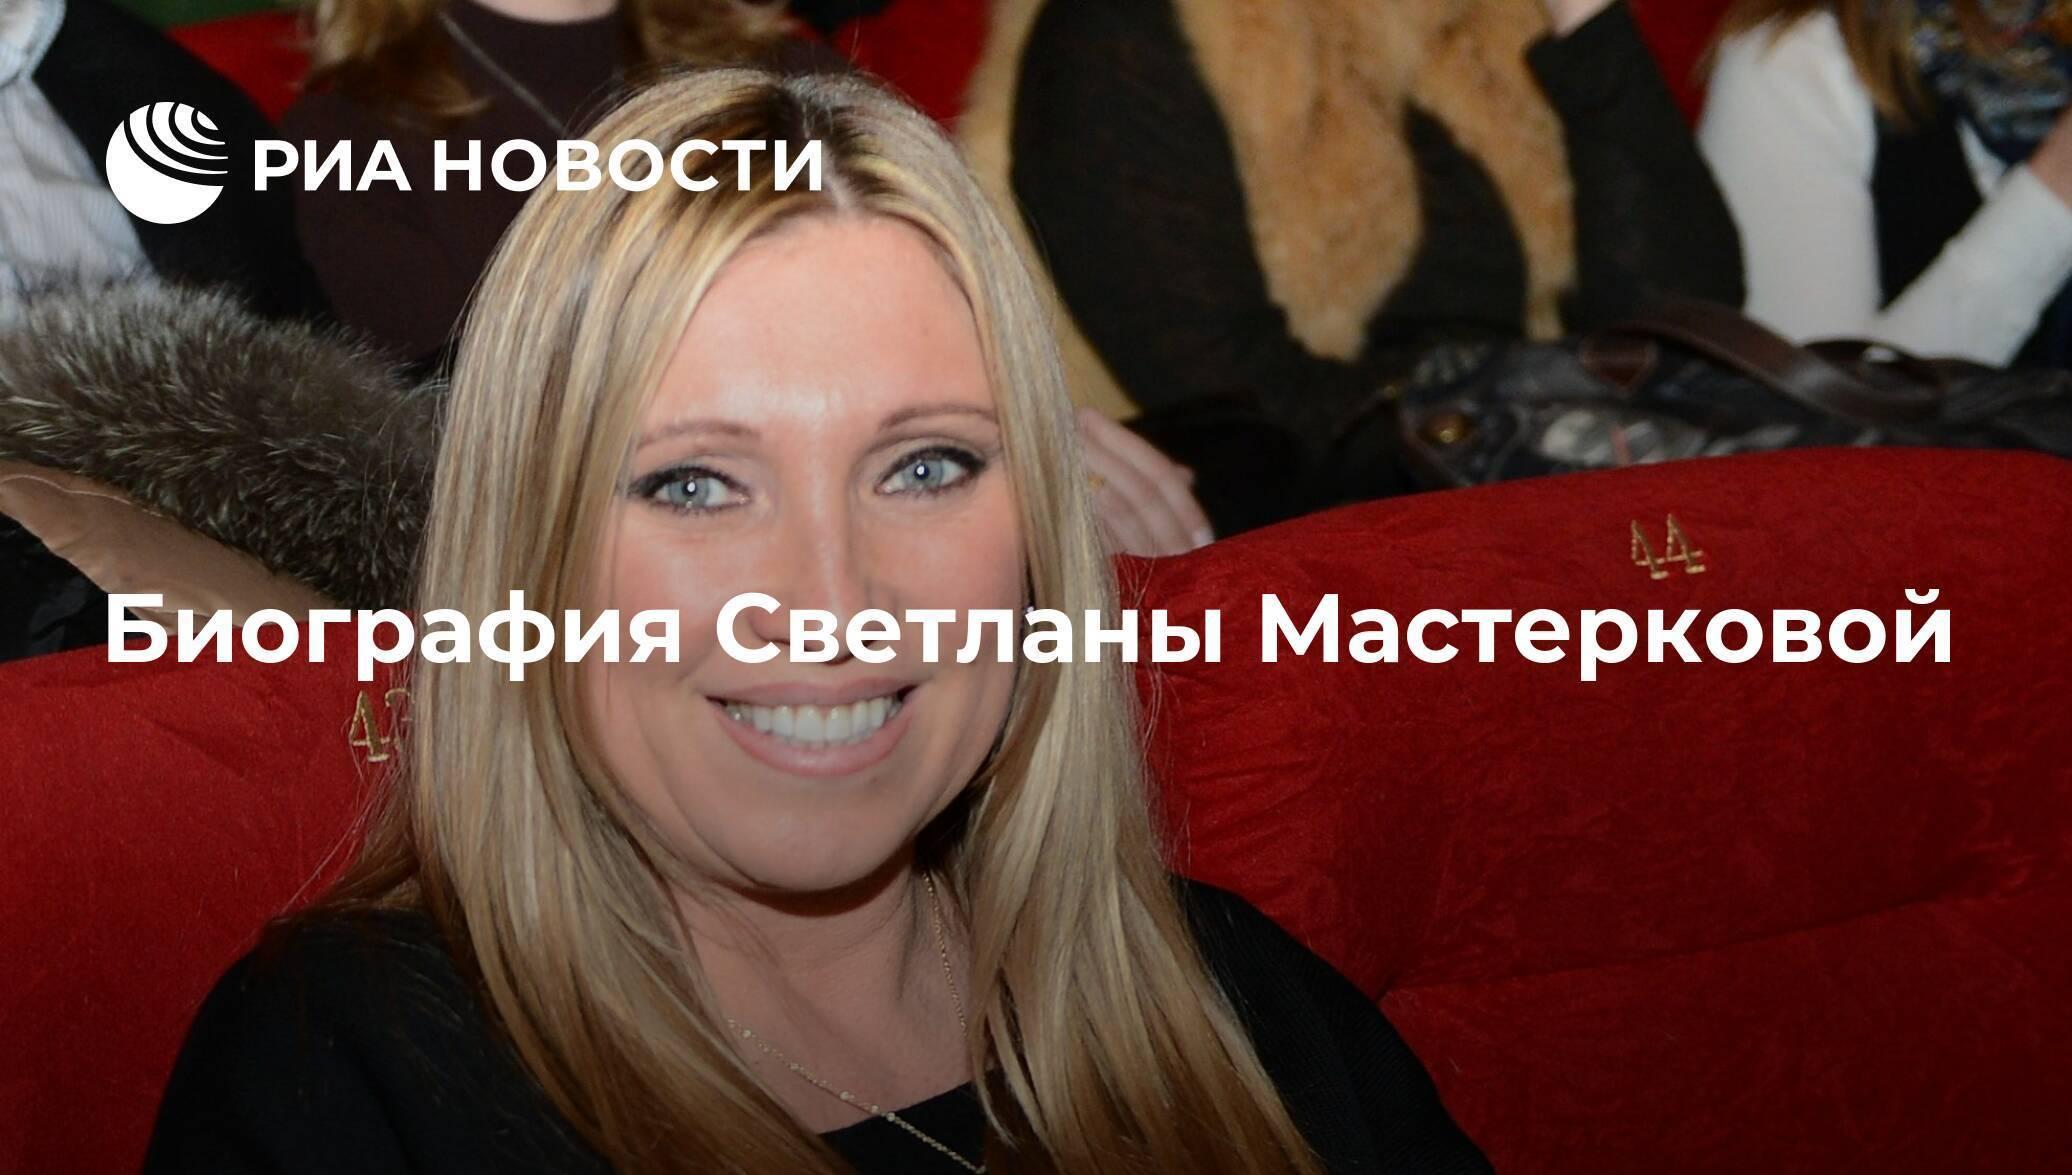 Спортсменка мастеркова светлана: биография, достижения и интересные факты :: syl.ru